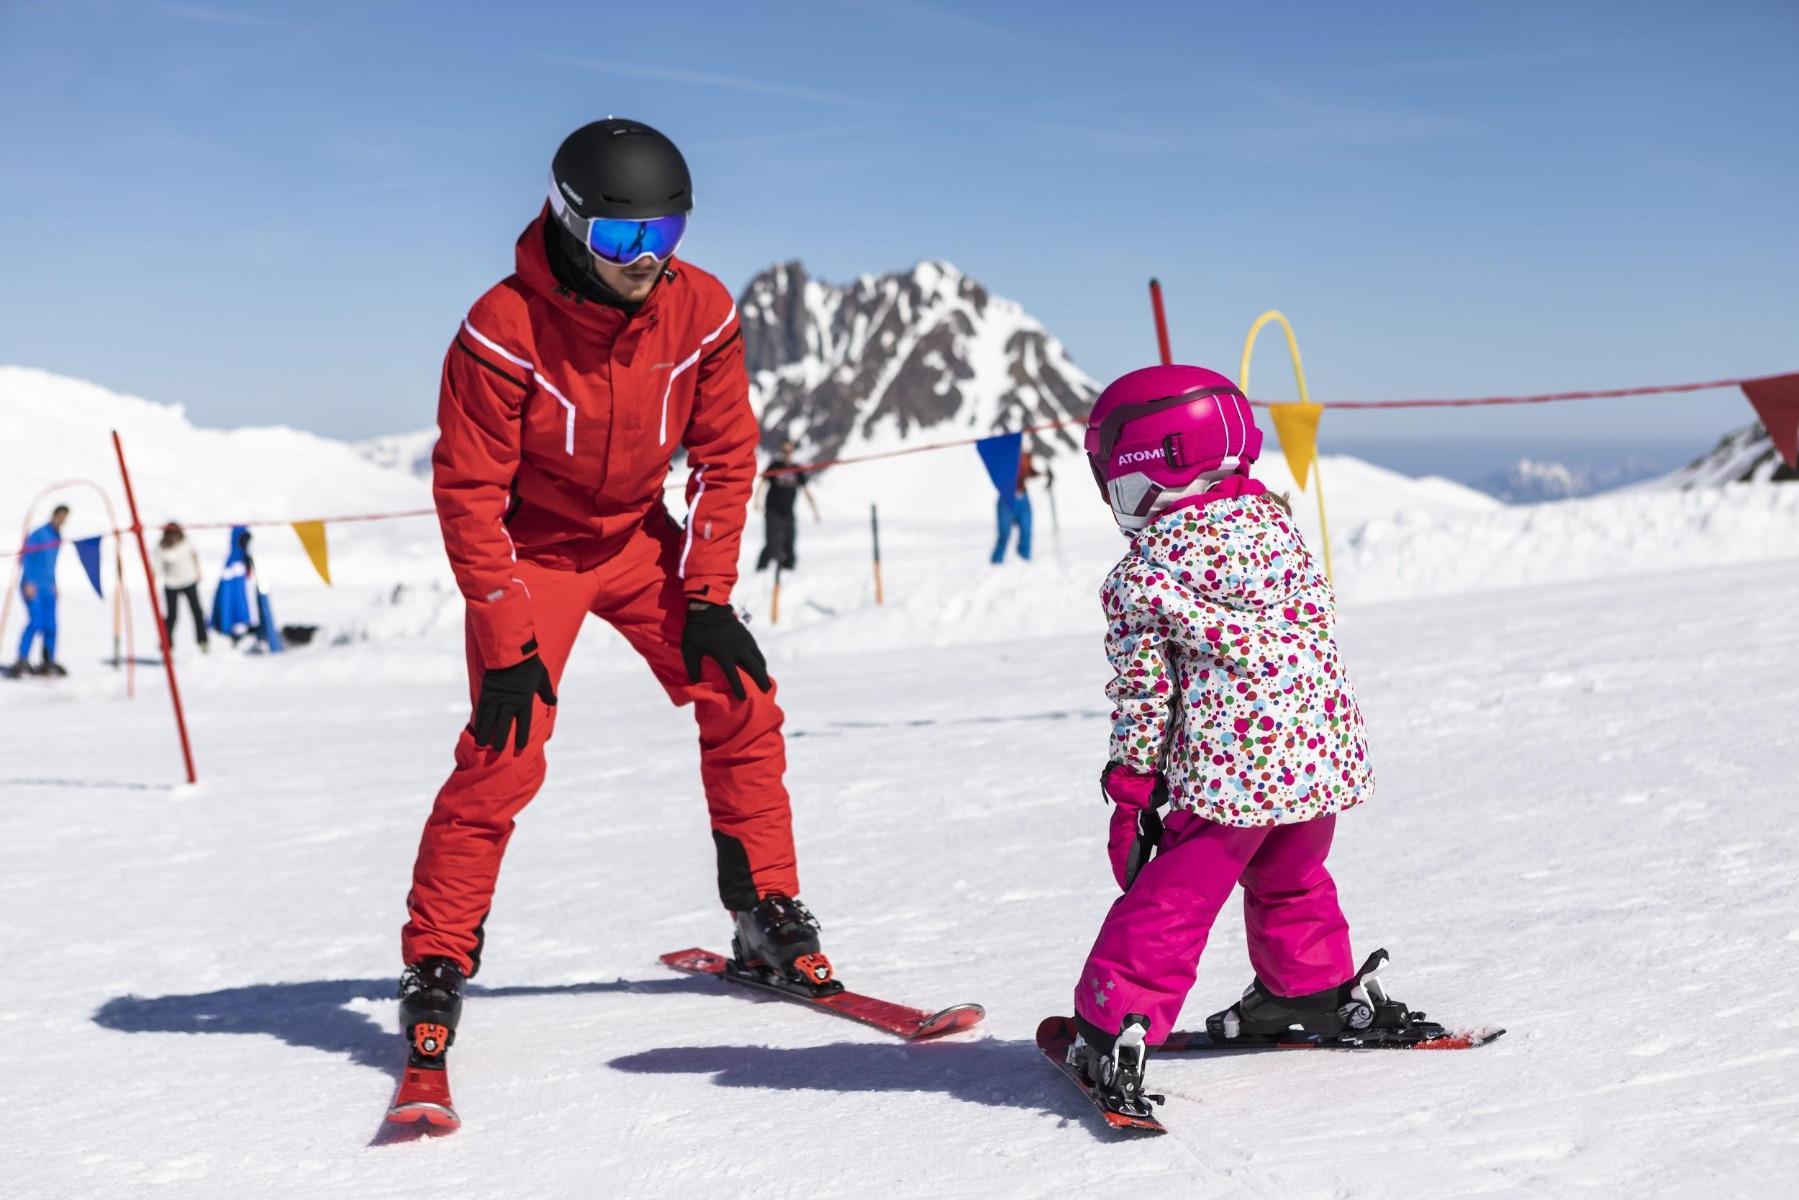 Die meisten Kinder stehen im Alter von 3 oder 4 Jahren das erste Mal auf den Skiern